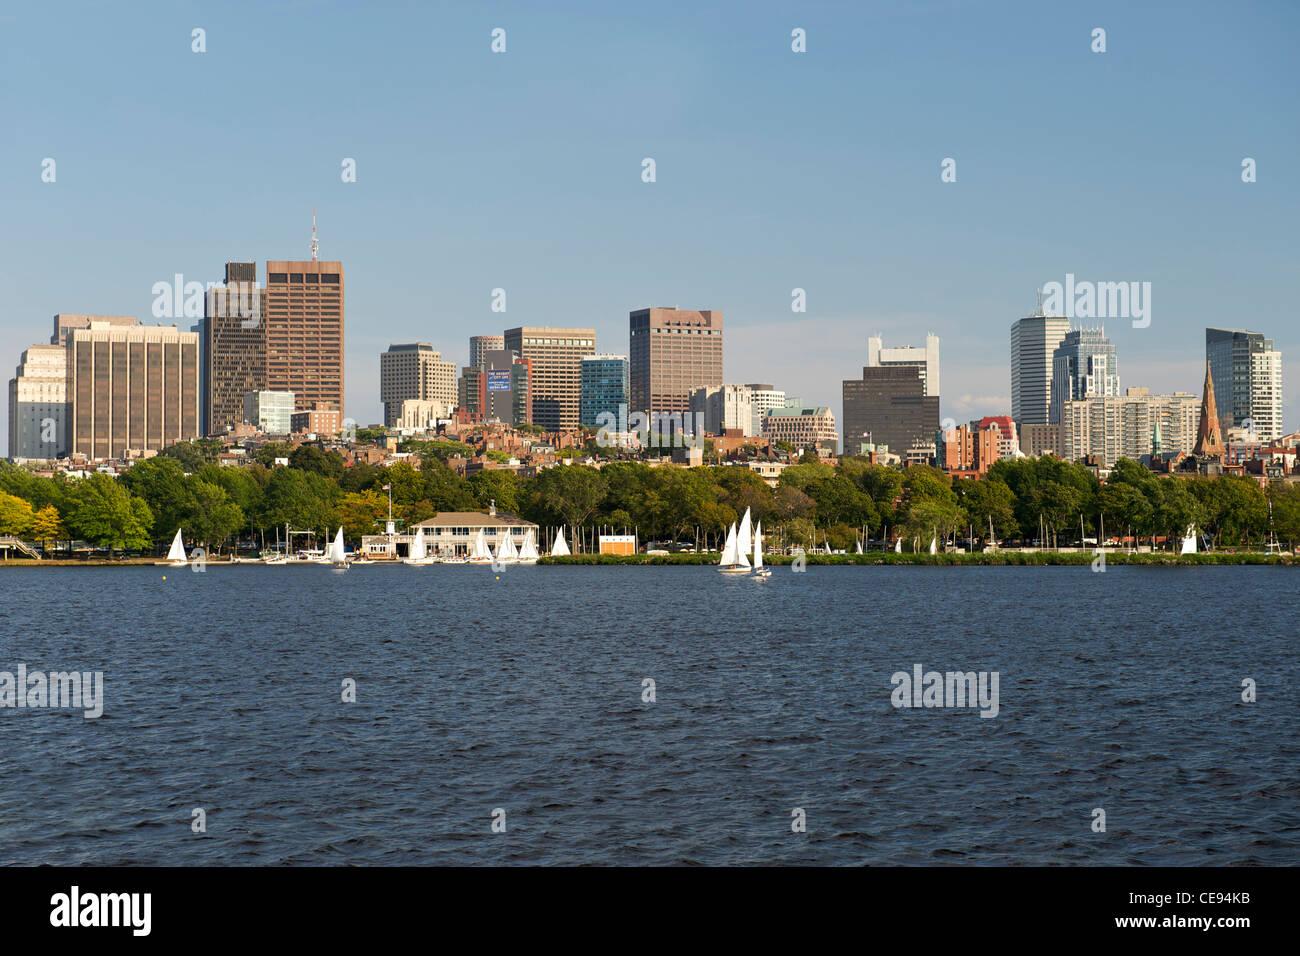 Horizonte de Boston visto cruzando el río Charles en Boston, Massachusetts, EE.UU. Imagen De Stock